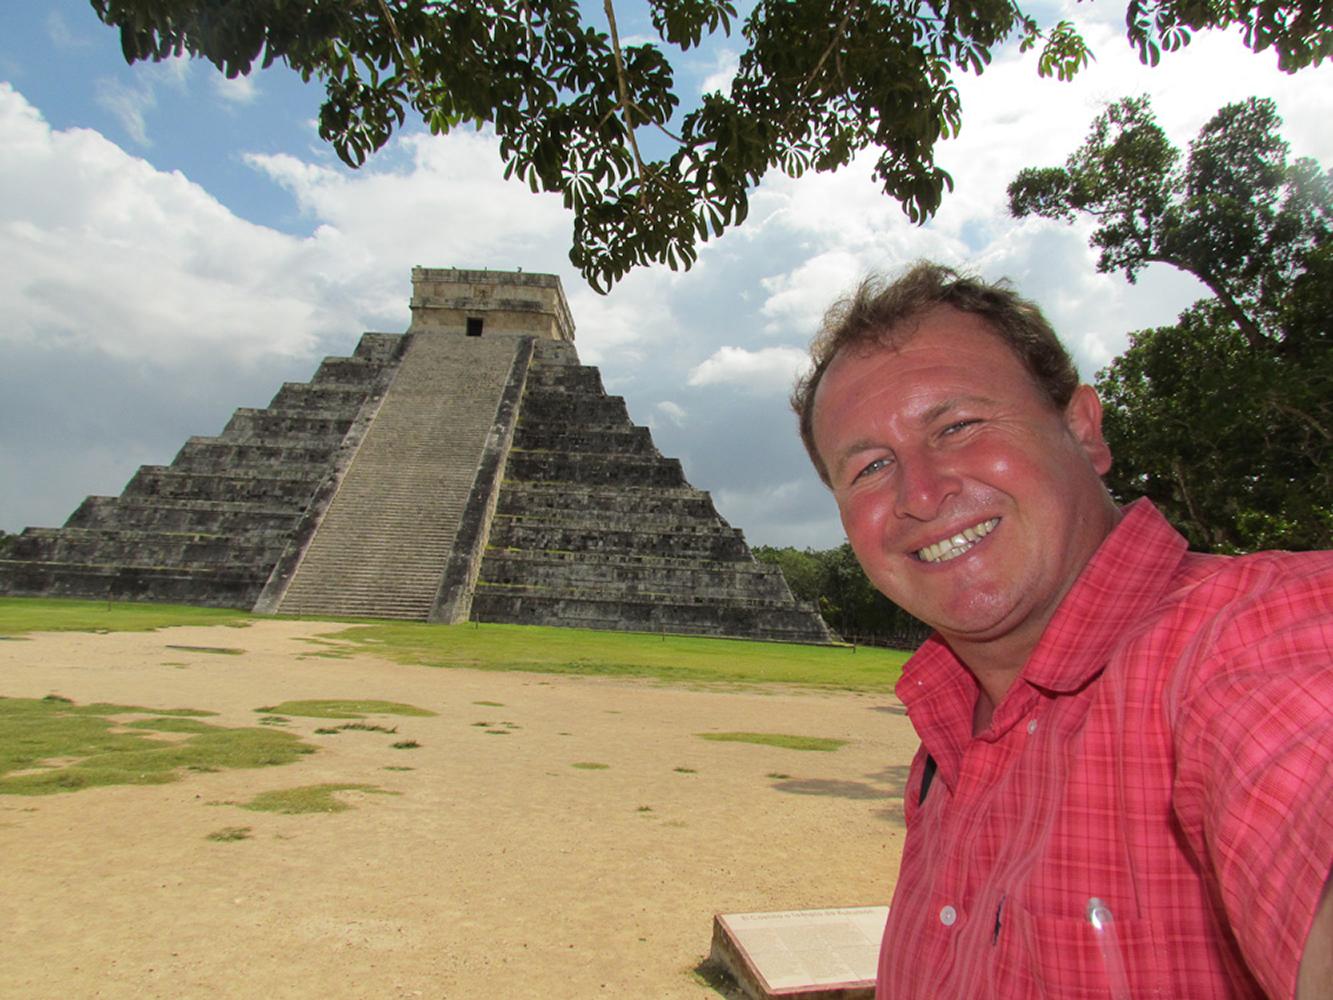 Chichen Itza, Mexico. El Castillo Kulkulan Pyramid